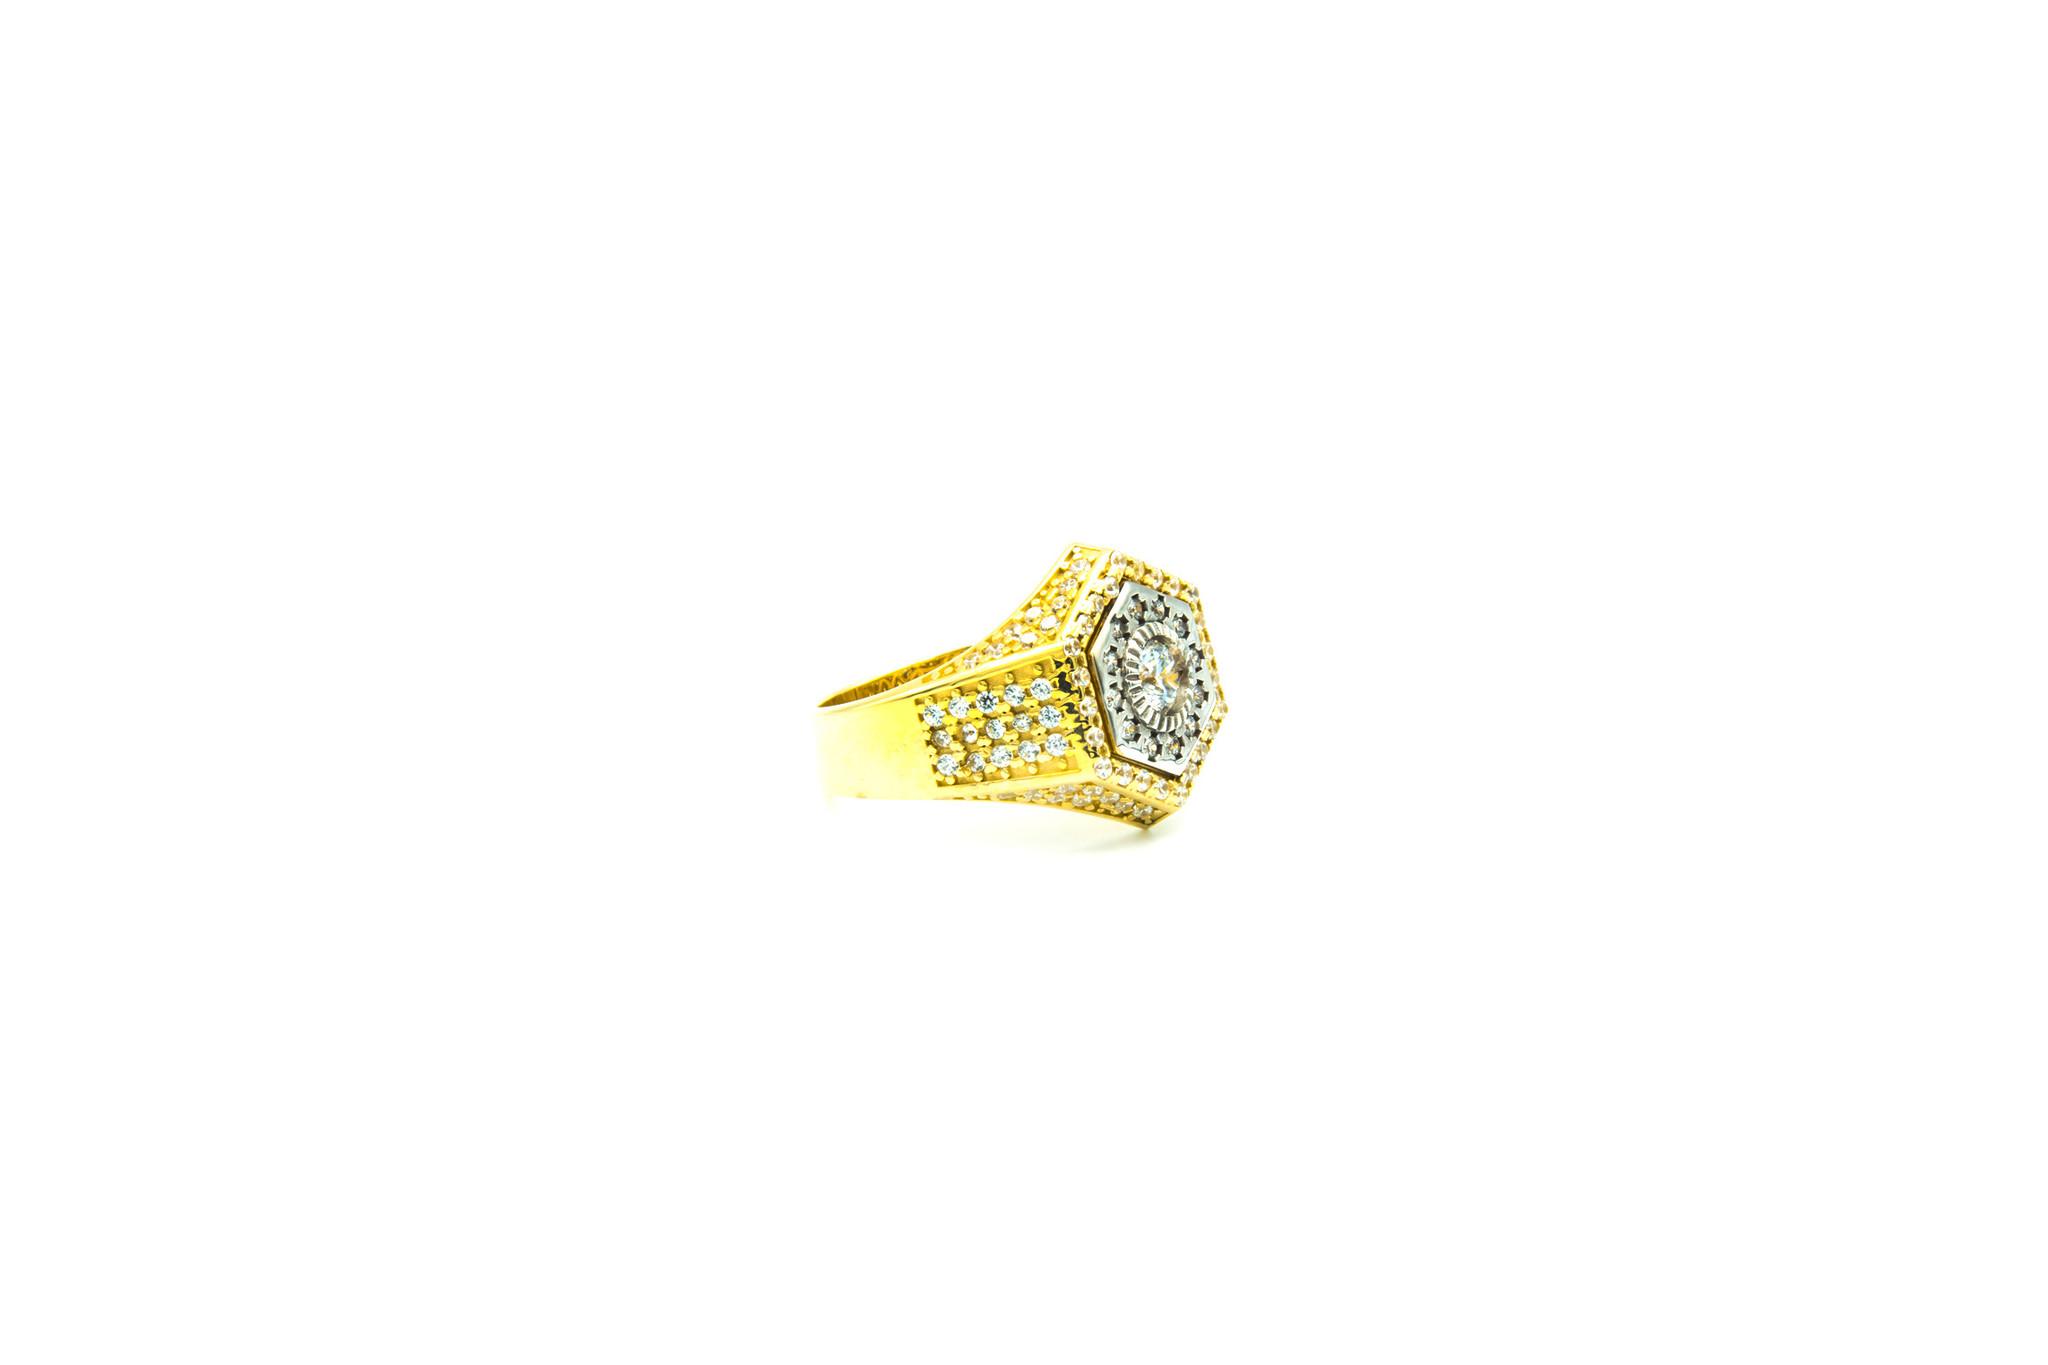 Ring zegel zeshoek met zirkonia's bicolor-2